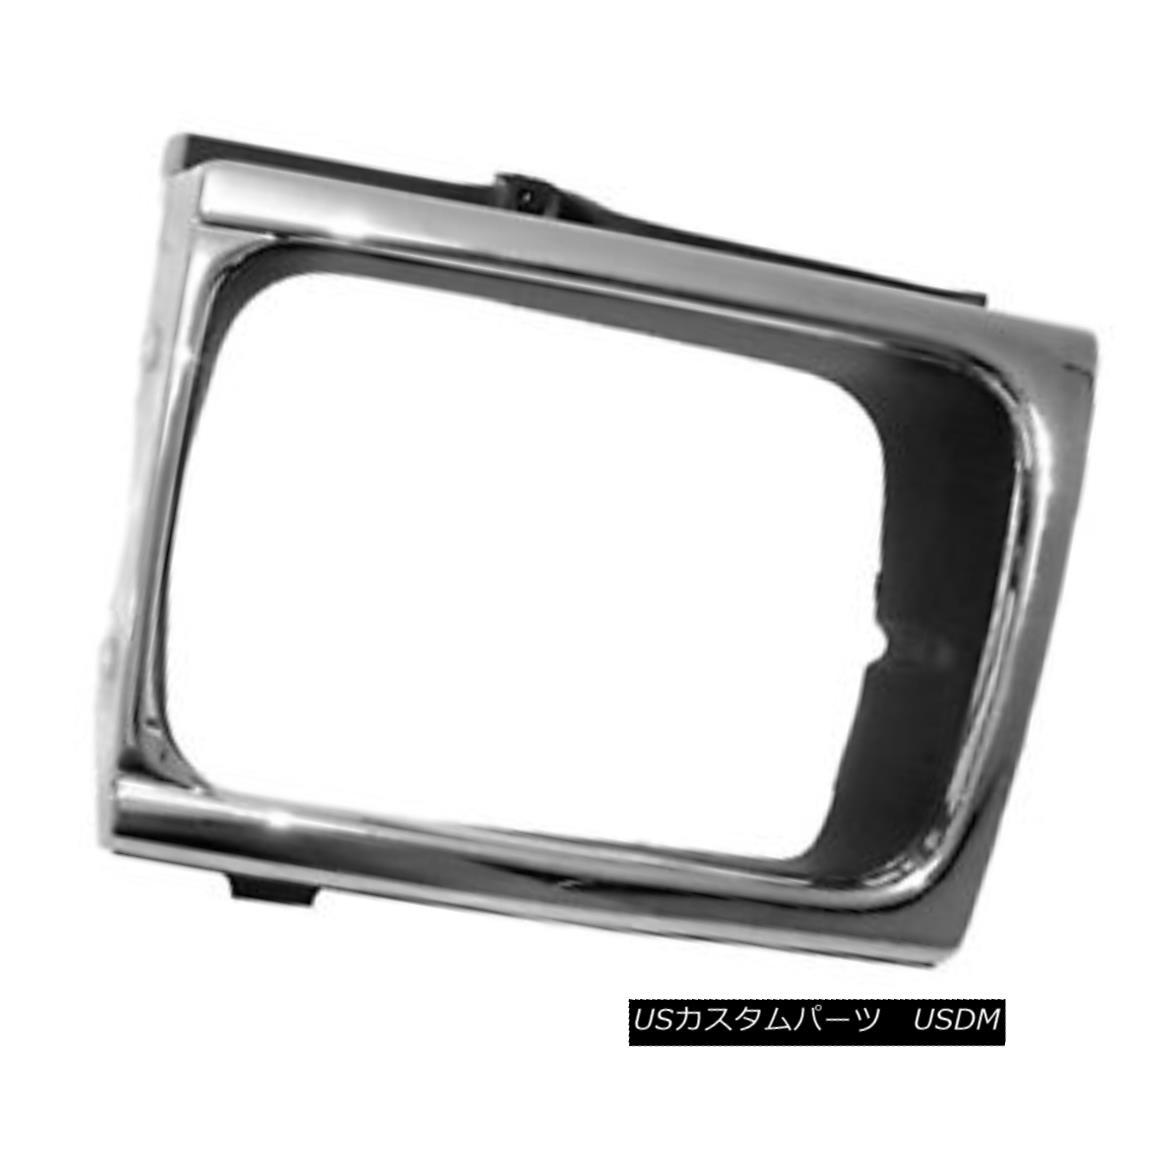 グリル New Replacement Headlight Door Chrome Driver Side for 4 wheel drive 630-50119AL 新しい交換ヘッドライトドアクロームドライバサイド4輪駆動用630-50119AL